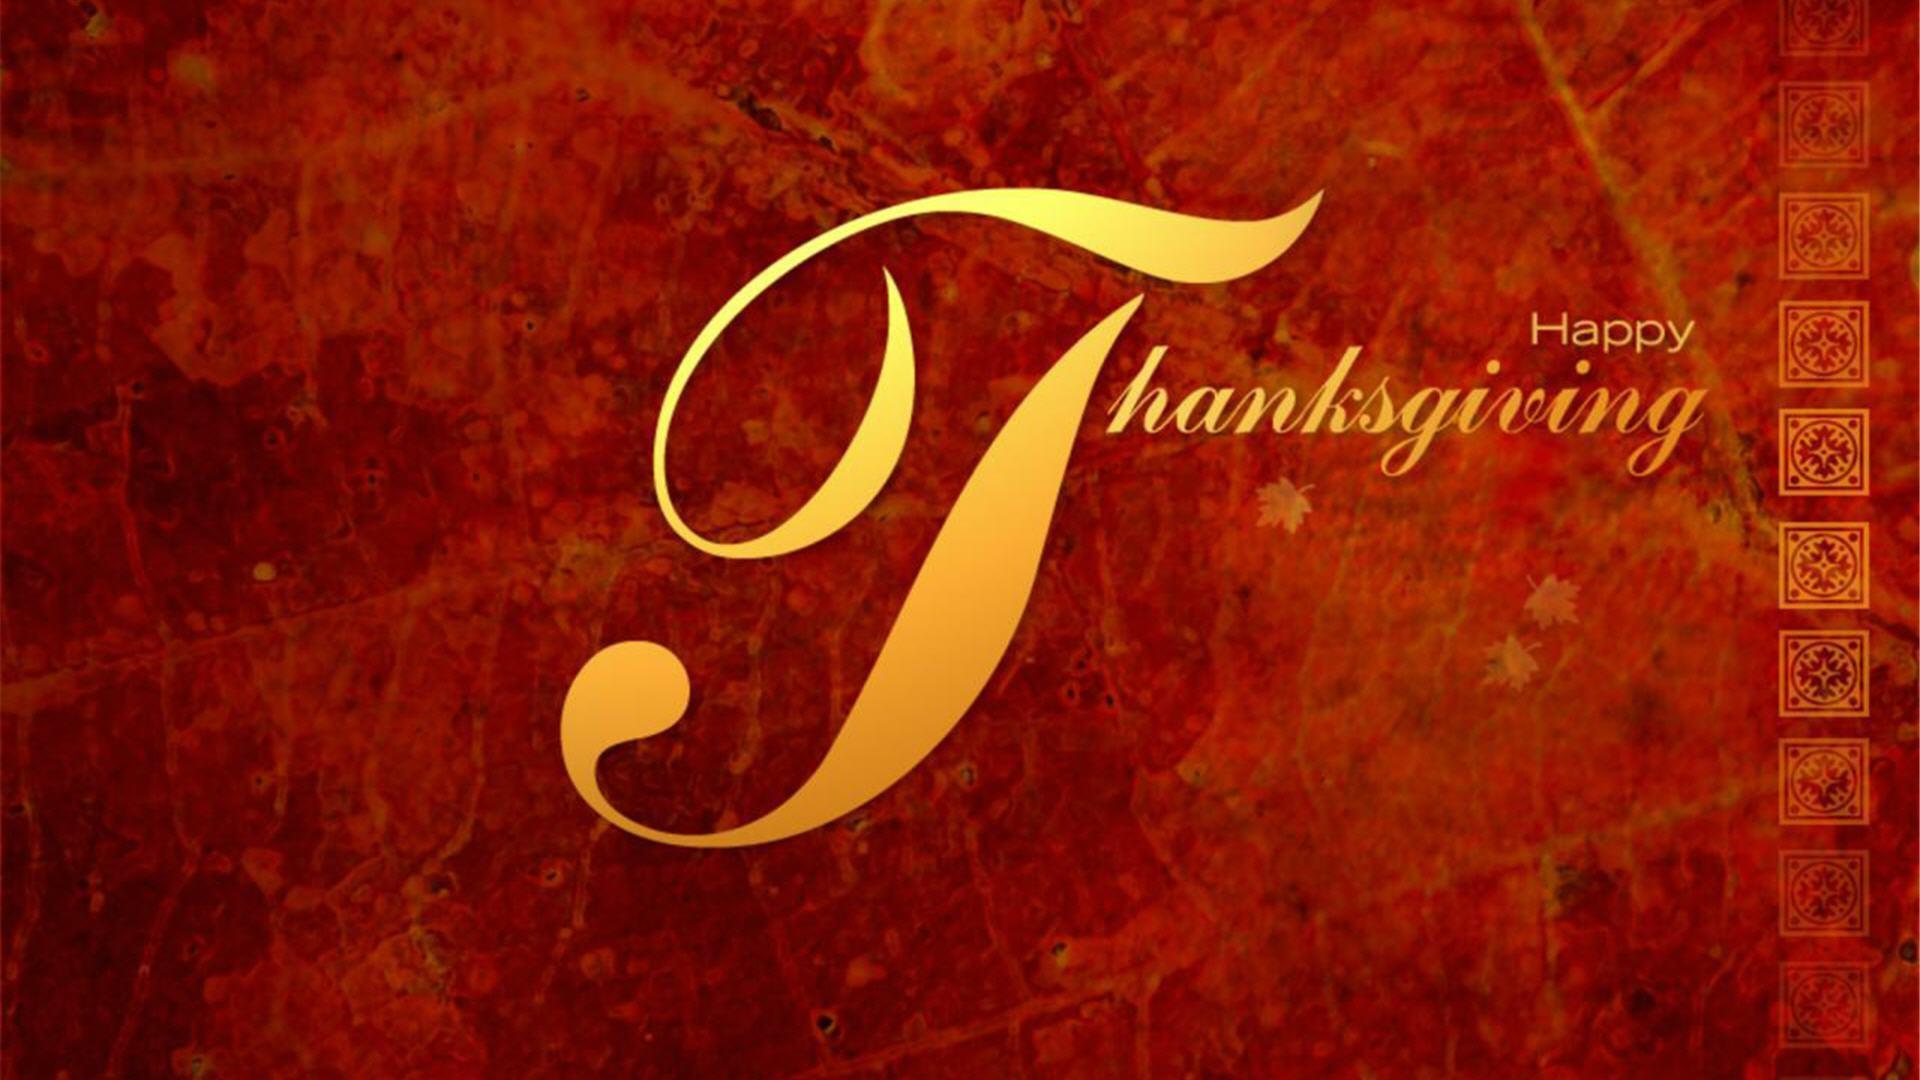 thanksgiving hd wallpaper widescreen 1920x1080 - photo #34